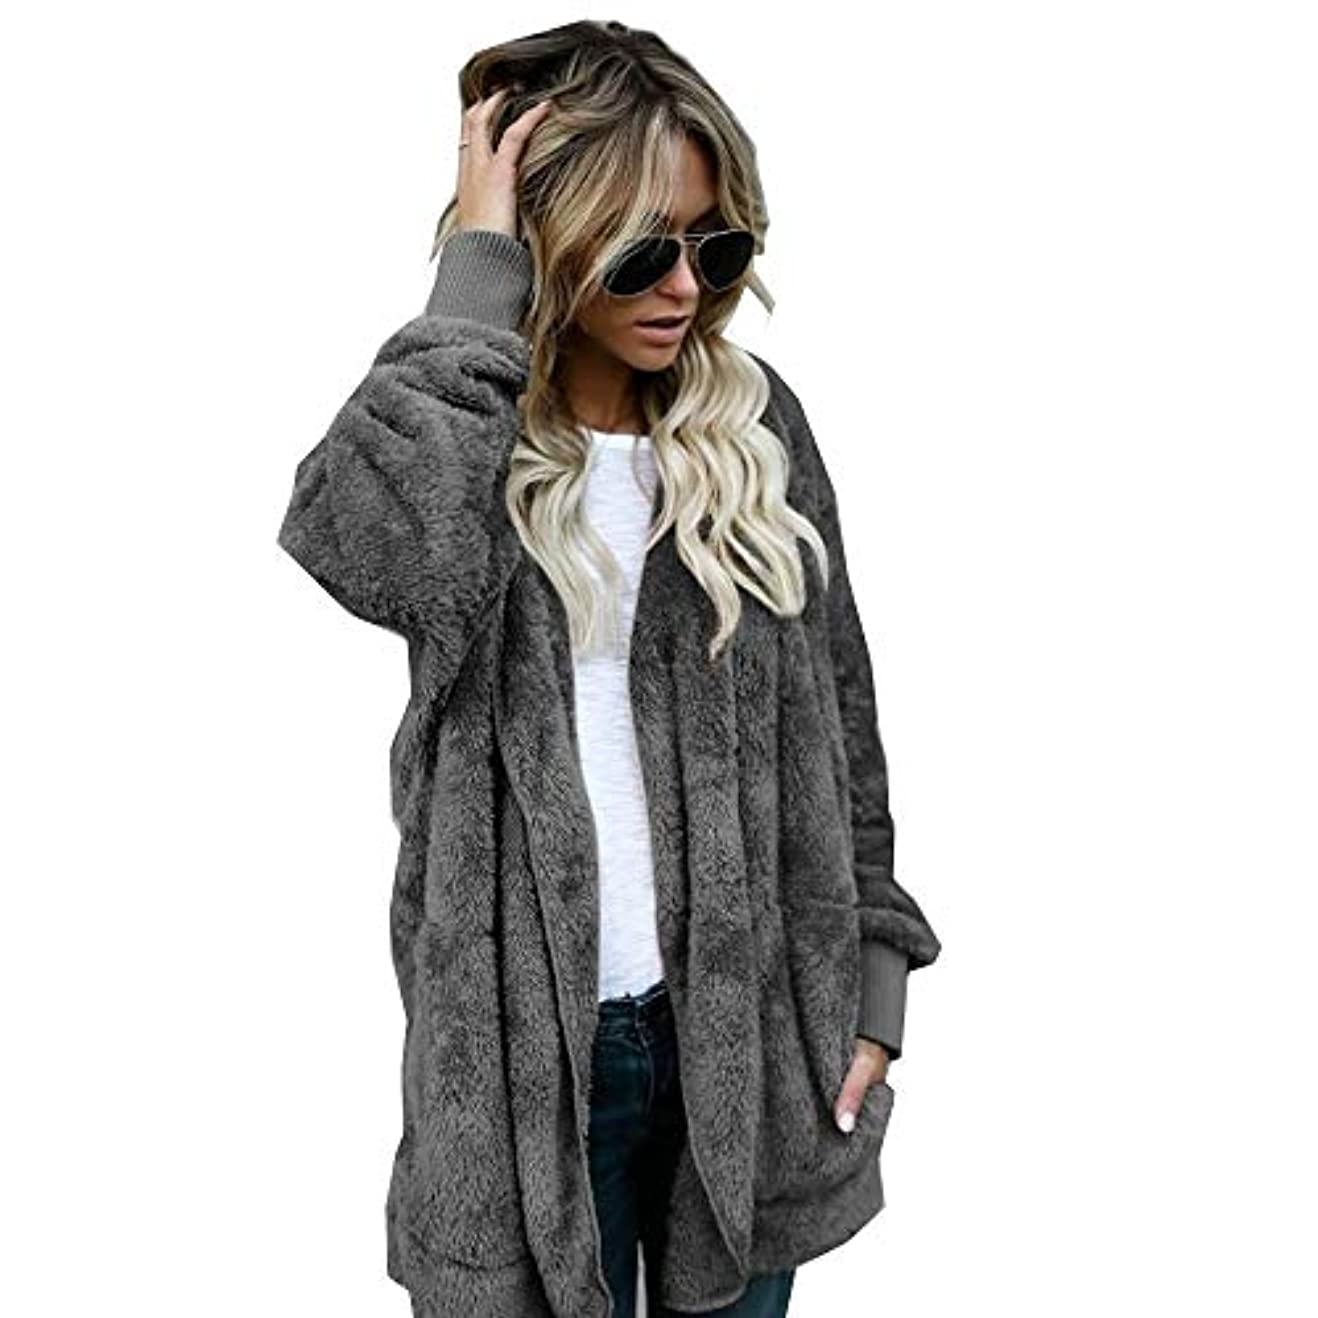 快い知り合いライバルMIFAN 長袖パーカー、冬のコート、女性のコート、女性の緩い厚く暖かいフェイクファーフード付きカーディガン